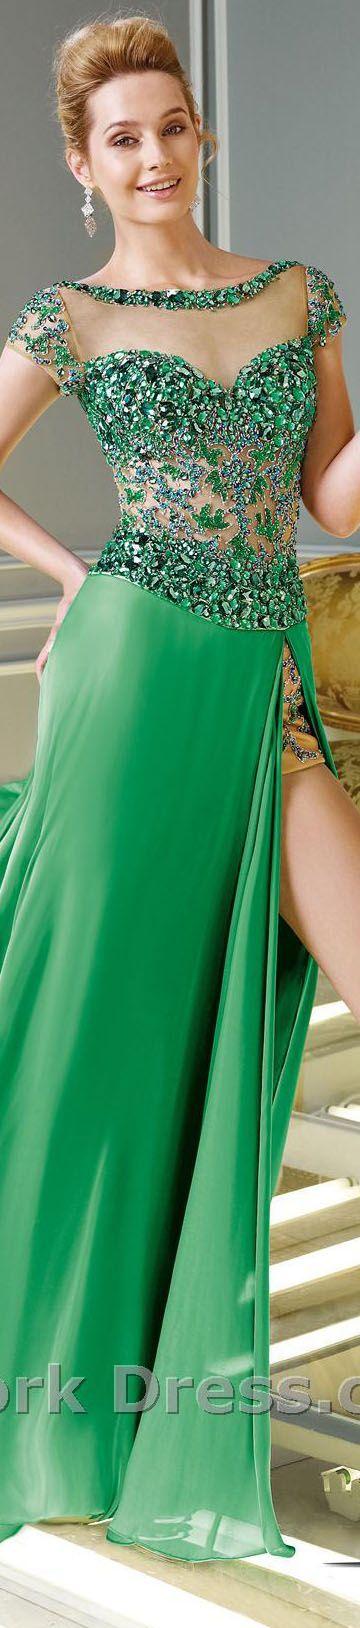 Alyce Paris design elegant large bejeweled formal sparkly green dress.